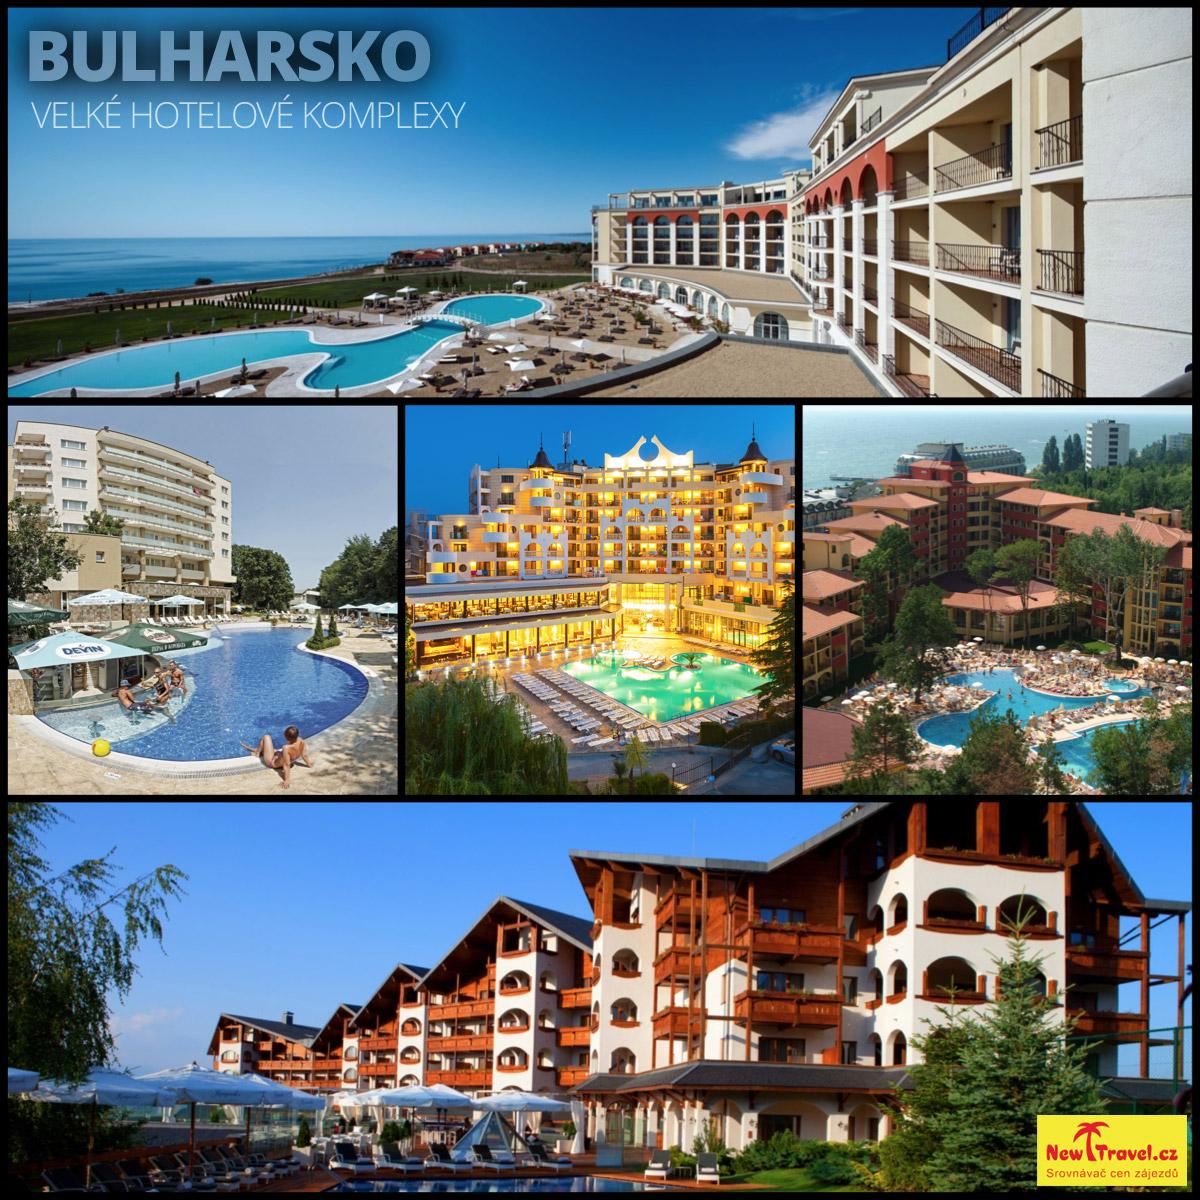 Dovolená v Bulharsku –to jsou především velké hotelové komplexy.